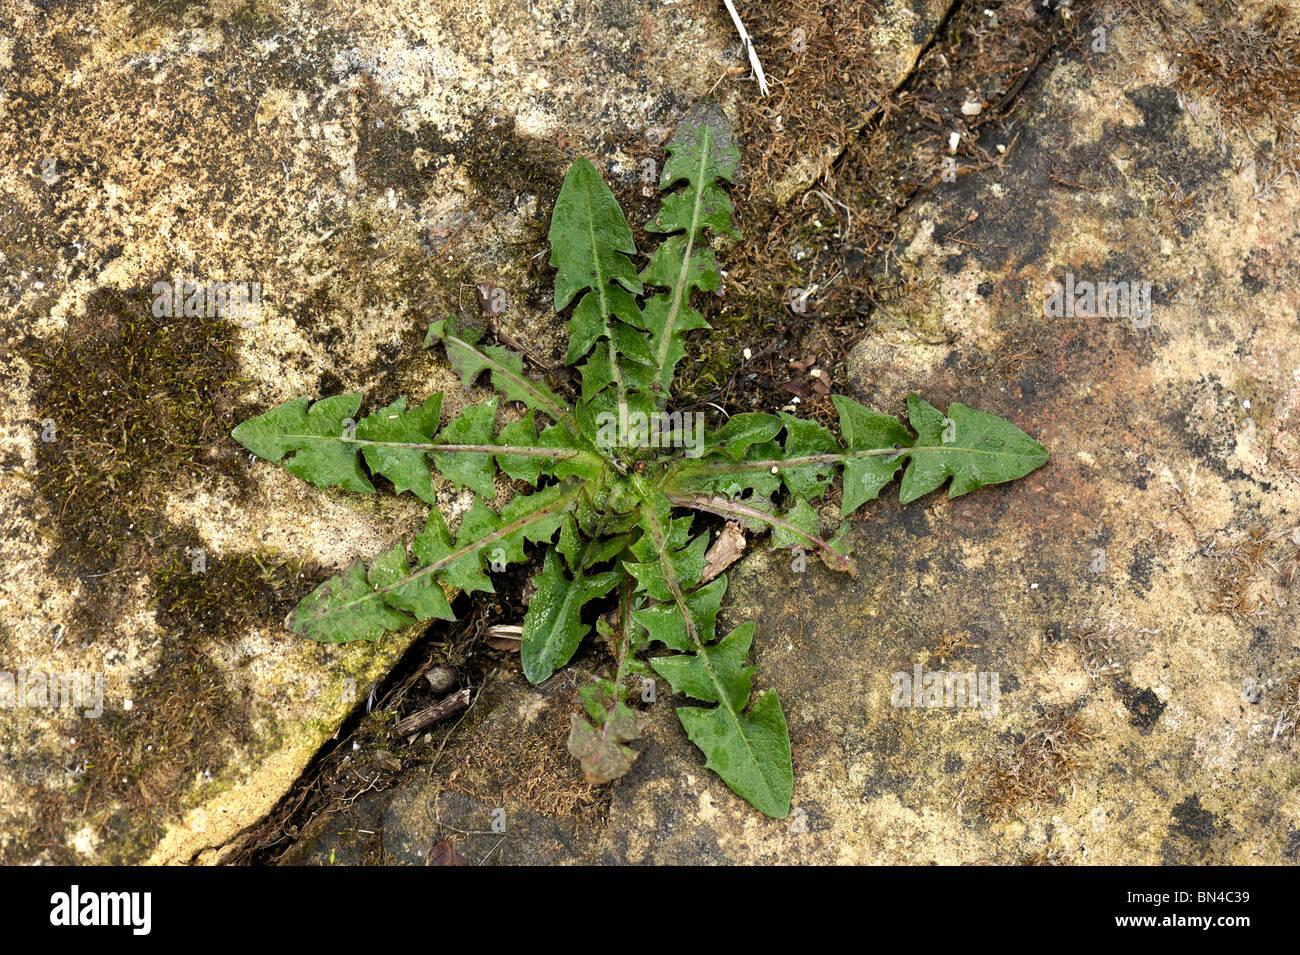 Ein Löwenzahn (Taraxacum Officinale) Pflanze Rosette wachsenden Beteen Pflastersteine in einem Garten Stockbild